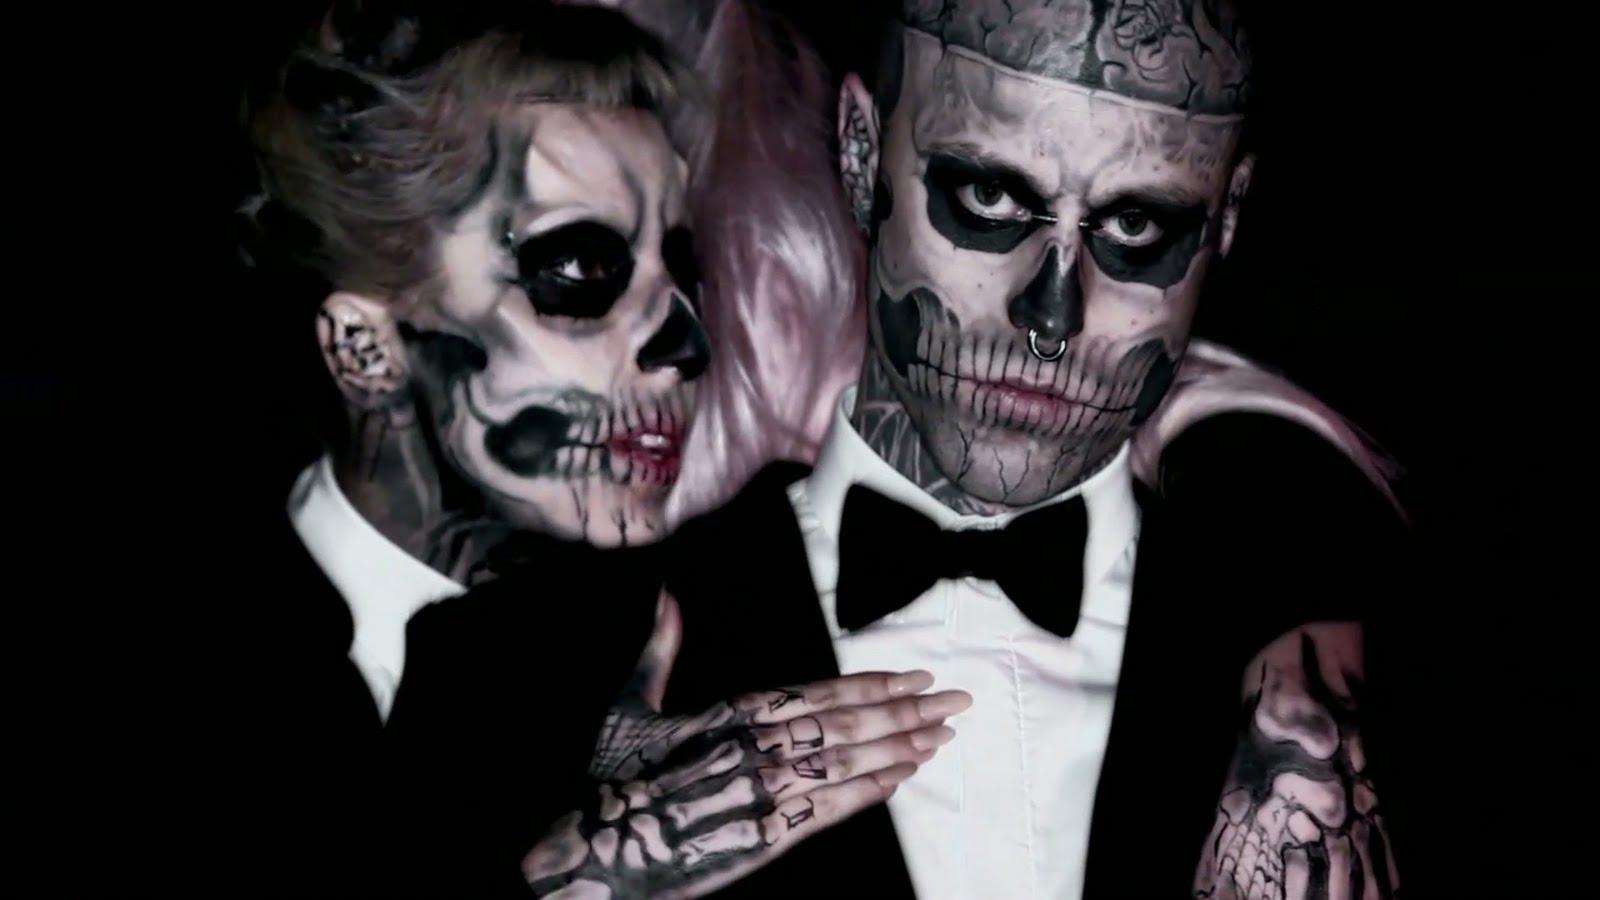 http://2.bp.blogspot.com/-1iV-gwbxHpw/TqGSONgudmI/AAAAAAAAGu4/bIcOG-O-jHU/s1600/Lady_Gaga_-_Born_This_Way_265.jpg